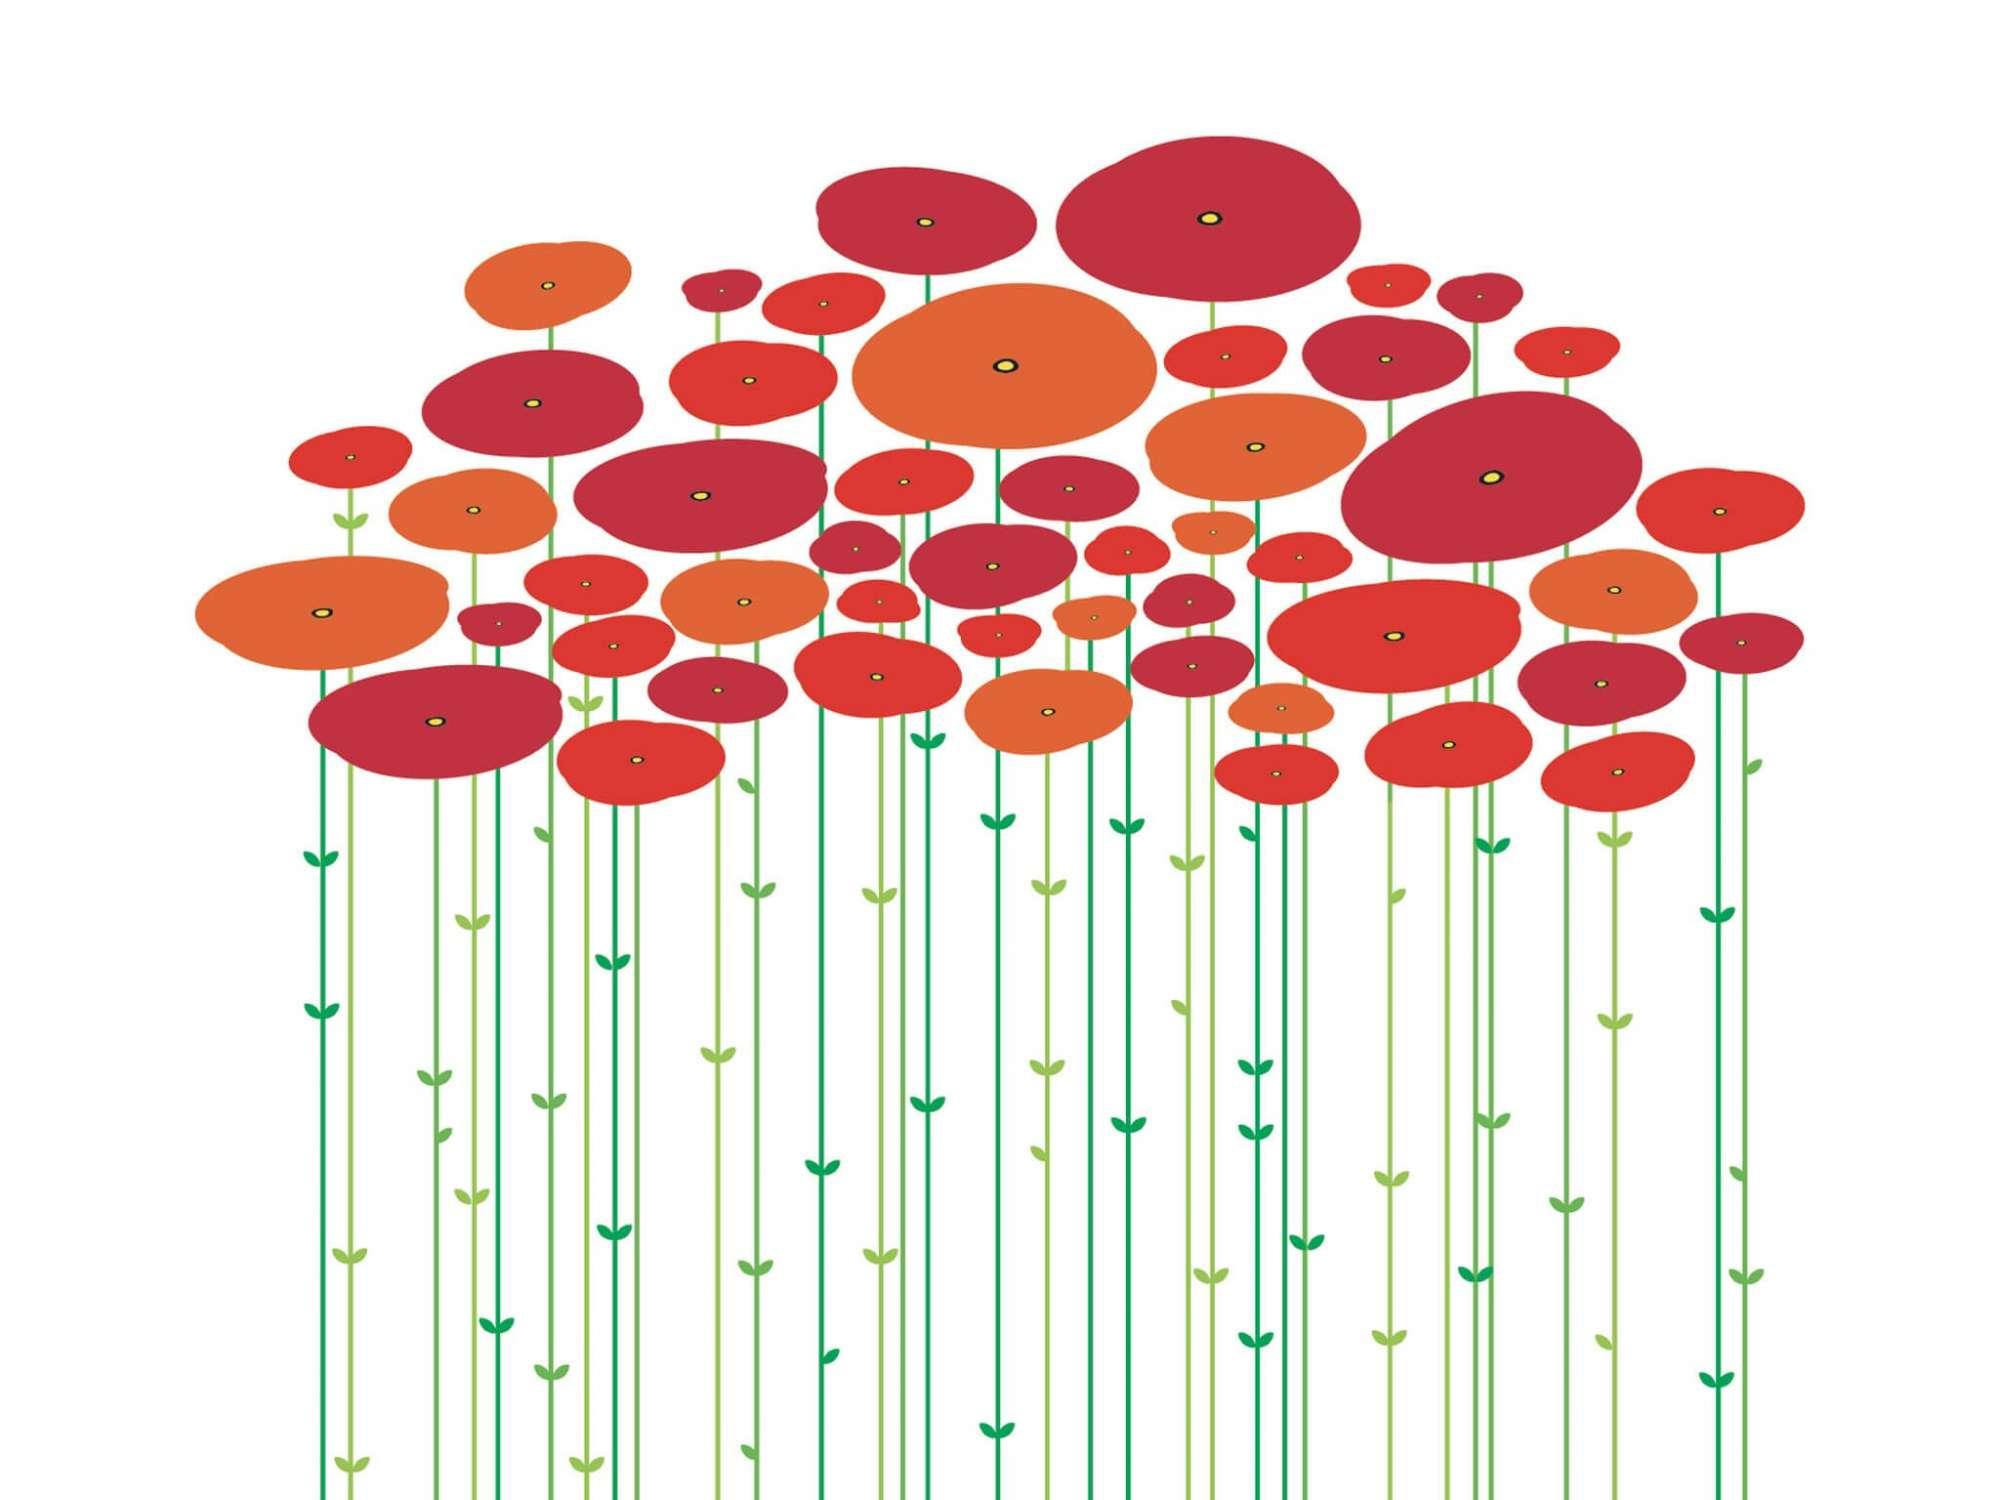 wallstickers dessinés par Ich&Kar, pluie de pétales graphiques rouges dans votre salon ou votre open space !